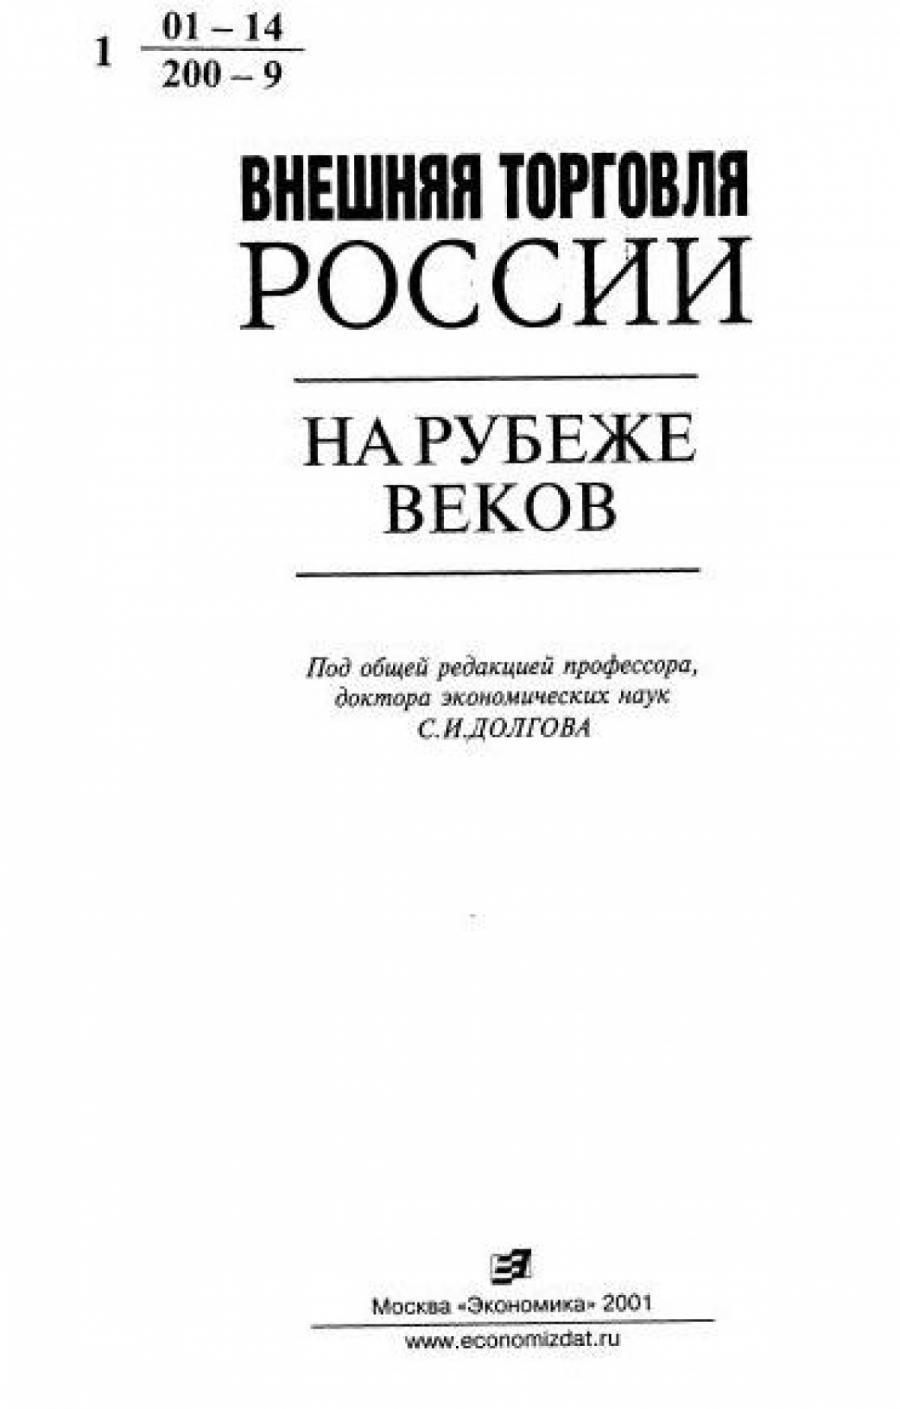 Обложка книги:  с.и .долгов - внешняя торговля россии на рубеже веков